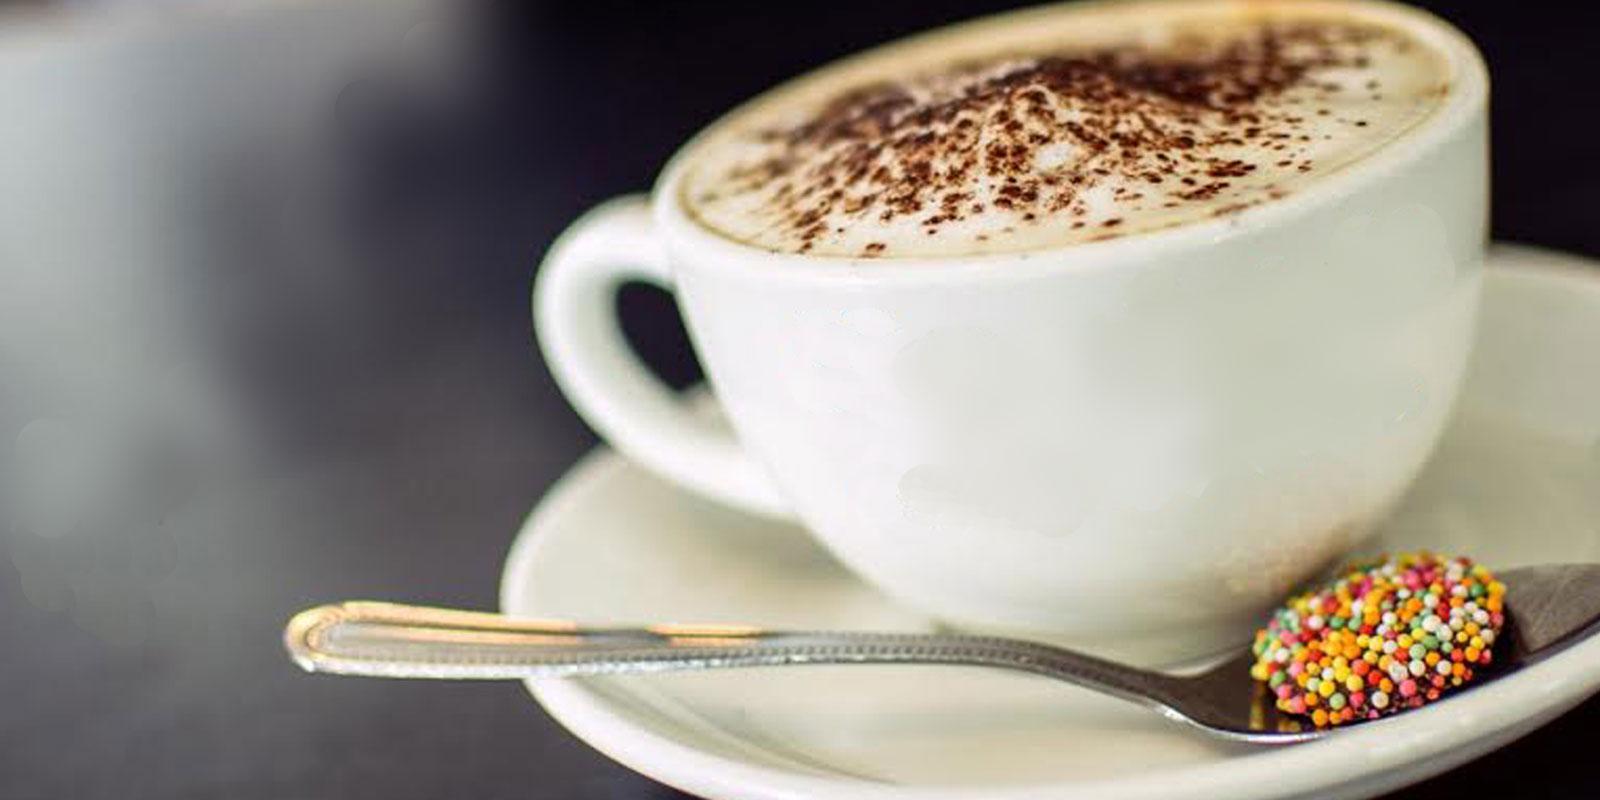 Das Symbol des Frauenfrühstücks: die Capuccino-Tasse mit dem Teelöffel voller bunter Kügelchen.